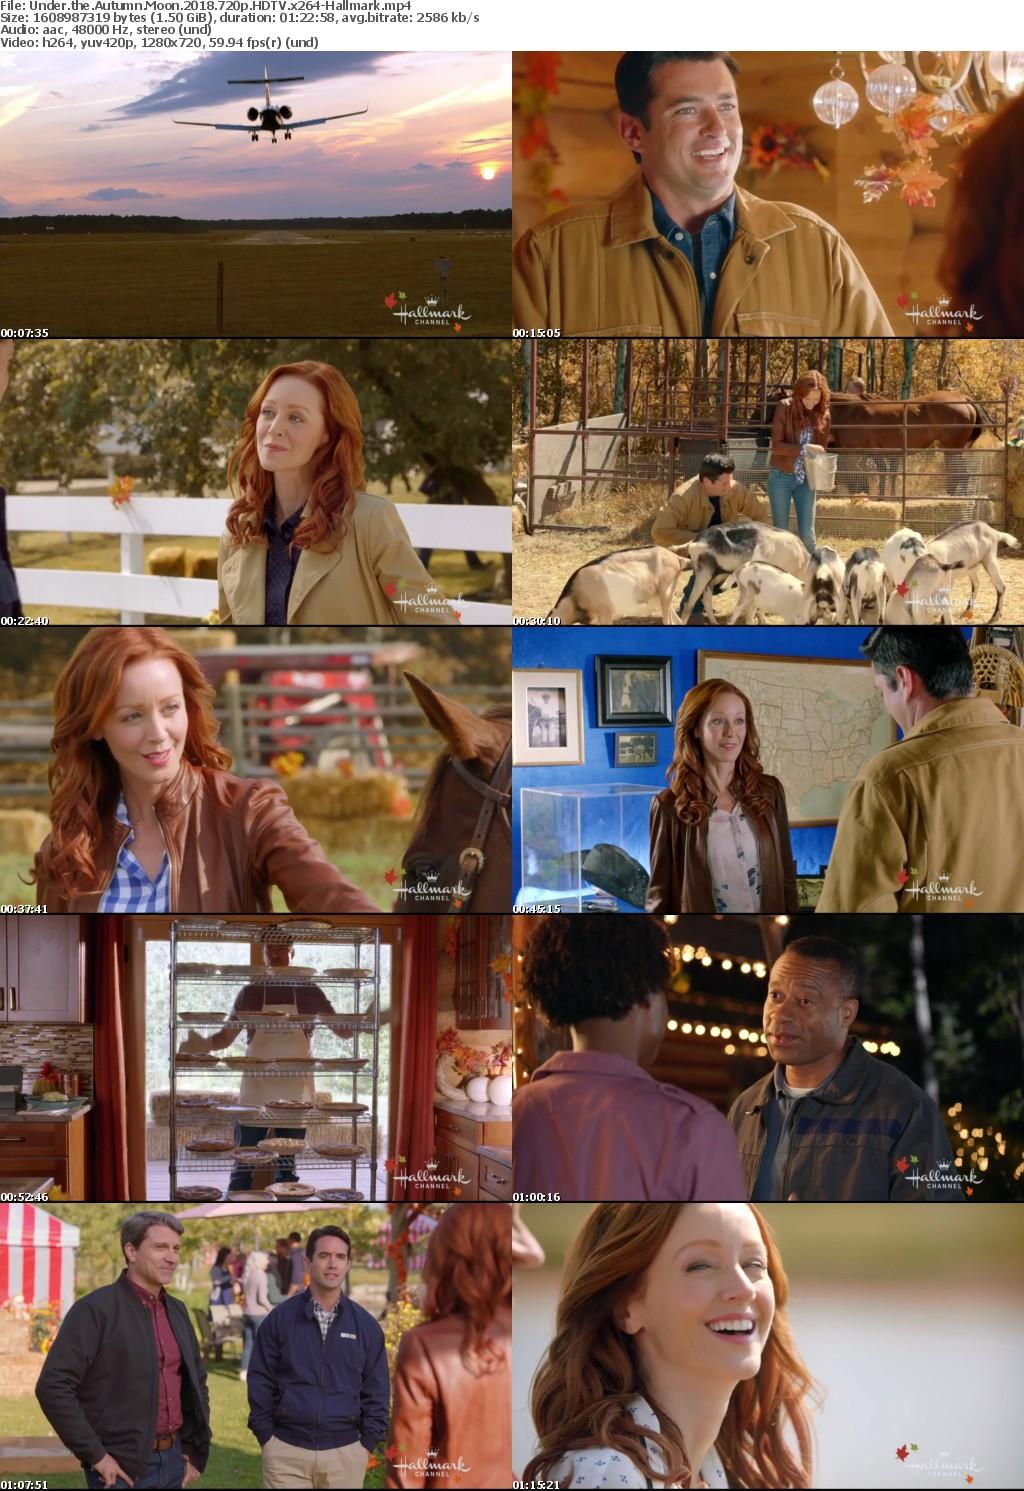 Under the Autumn Moon (2018) 720p HDTV x264-Hallmark